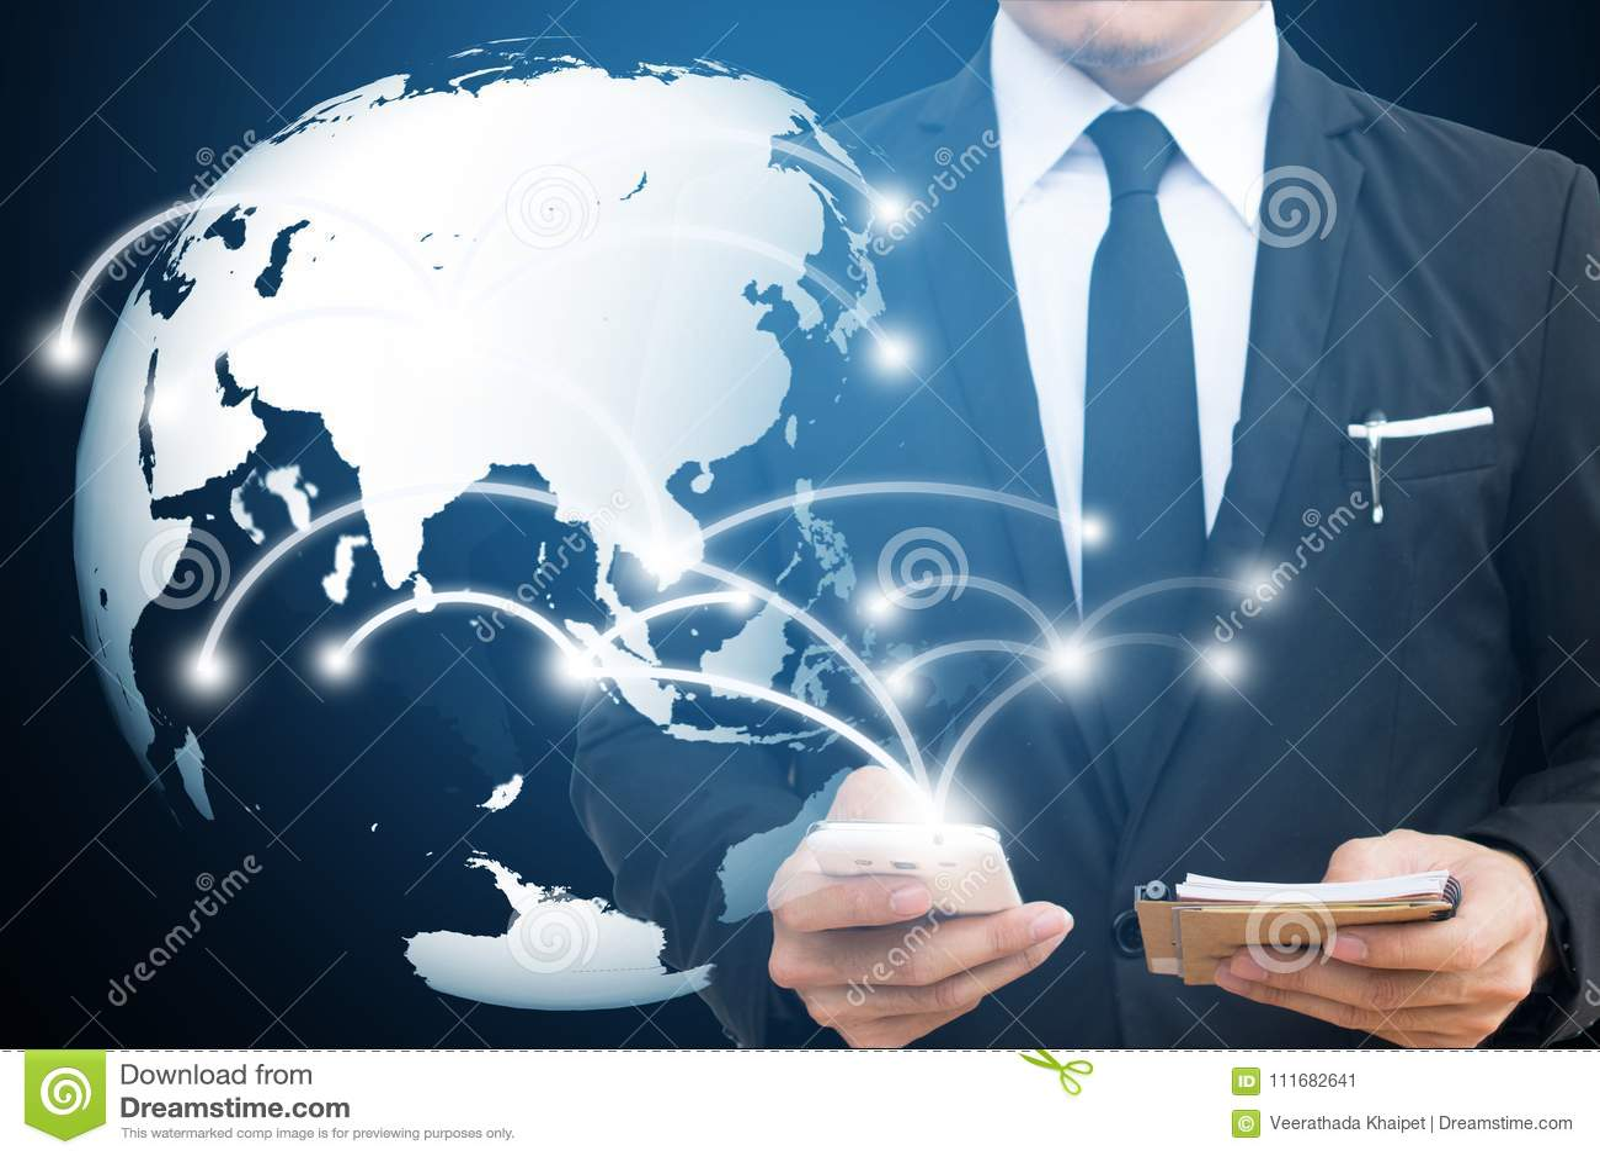 Επιχειρηματίας σχετικά με το παγκόσμιο δίκτυο και το κινητό τηλέφωνο επικοινωνία και κοινωνικές έννοιες μέσων